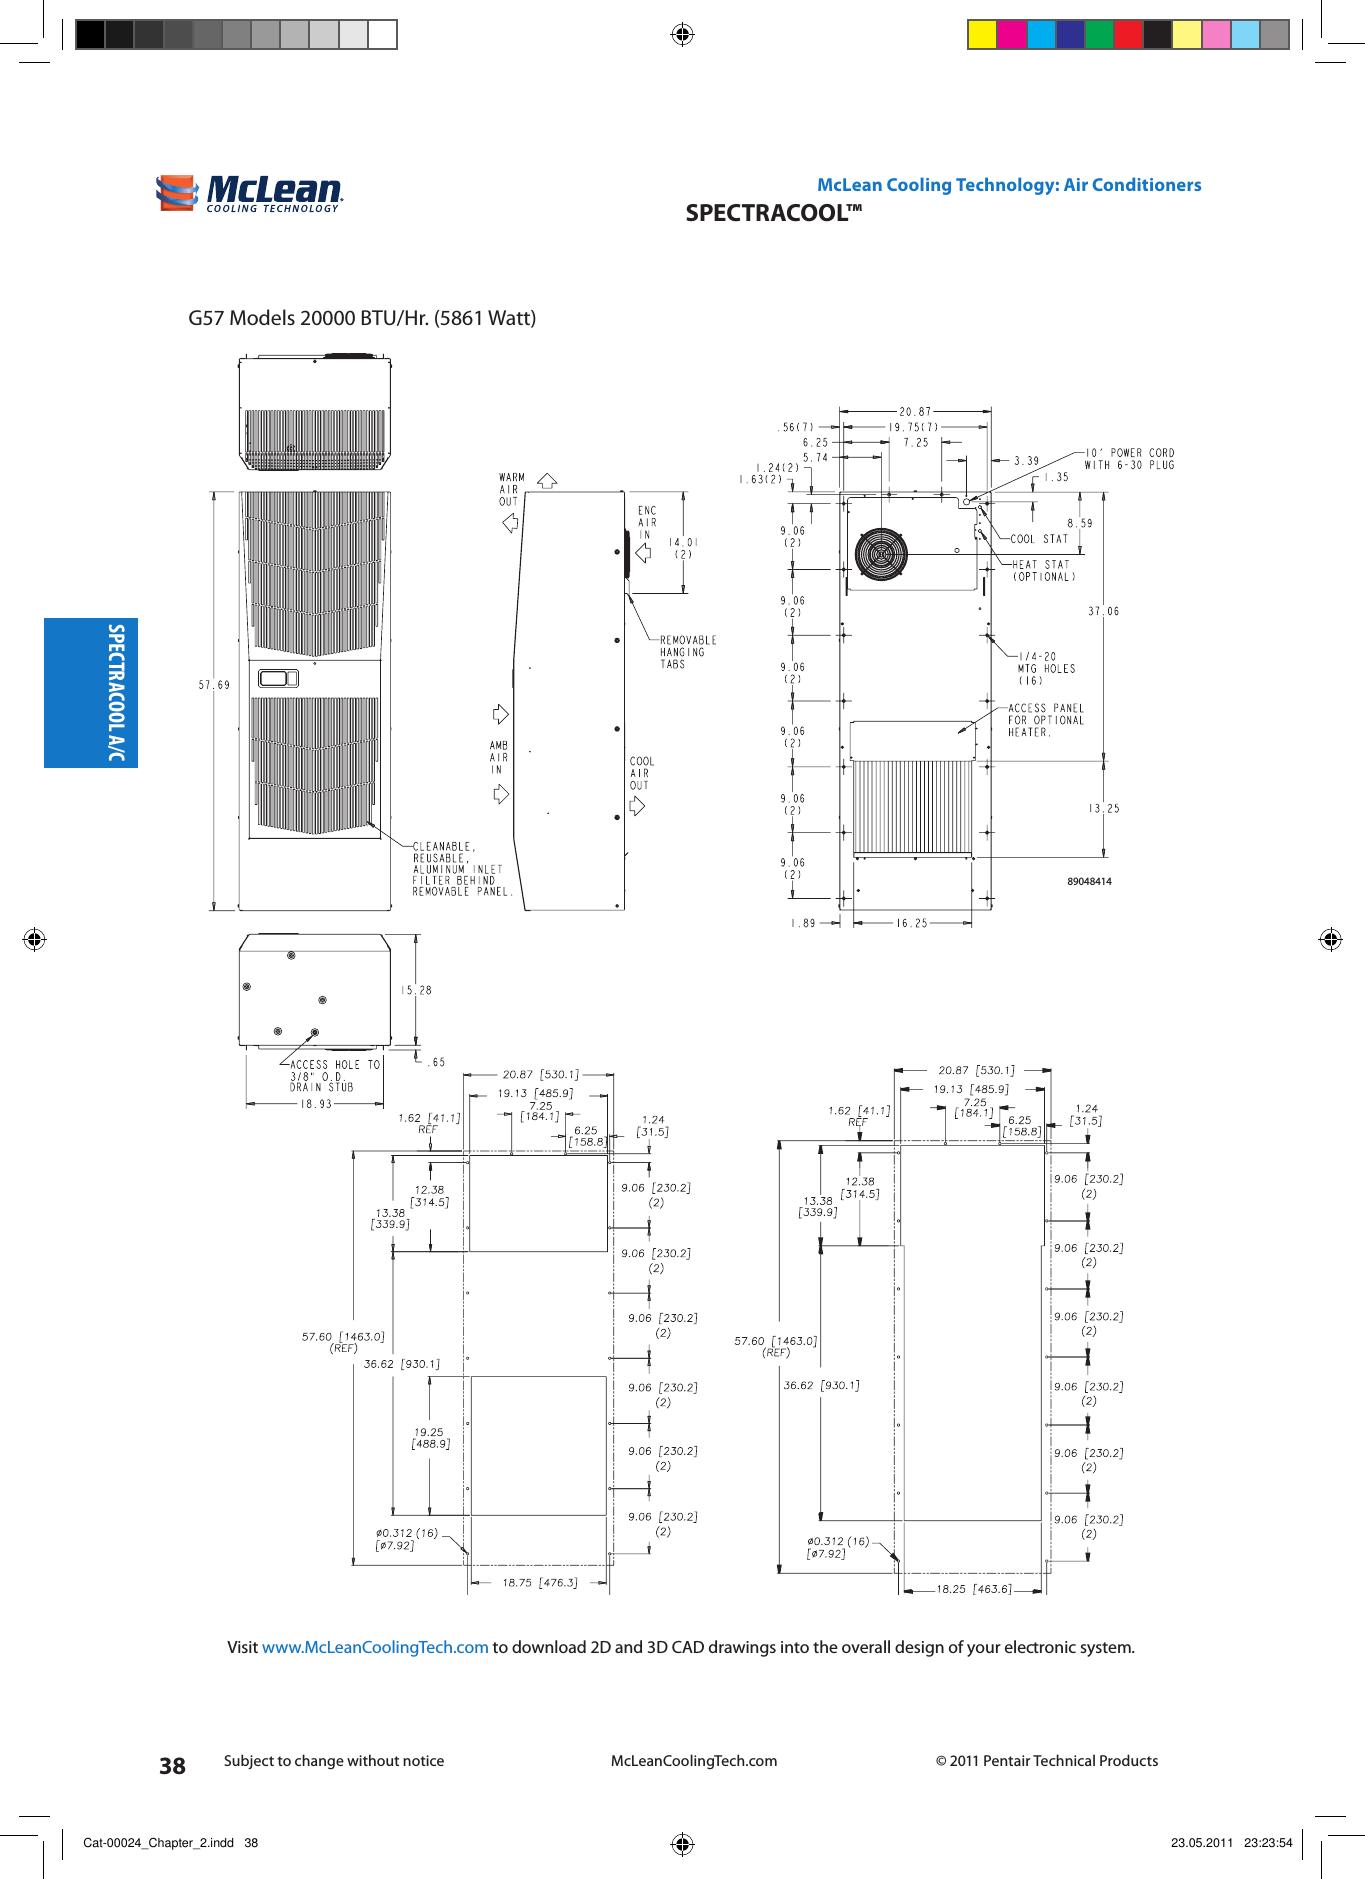 G280416g050 Pentair Wiring Diagram. . Wiring Diagram on